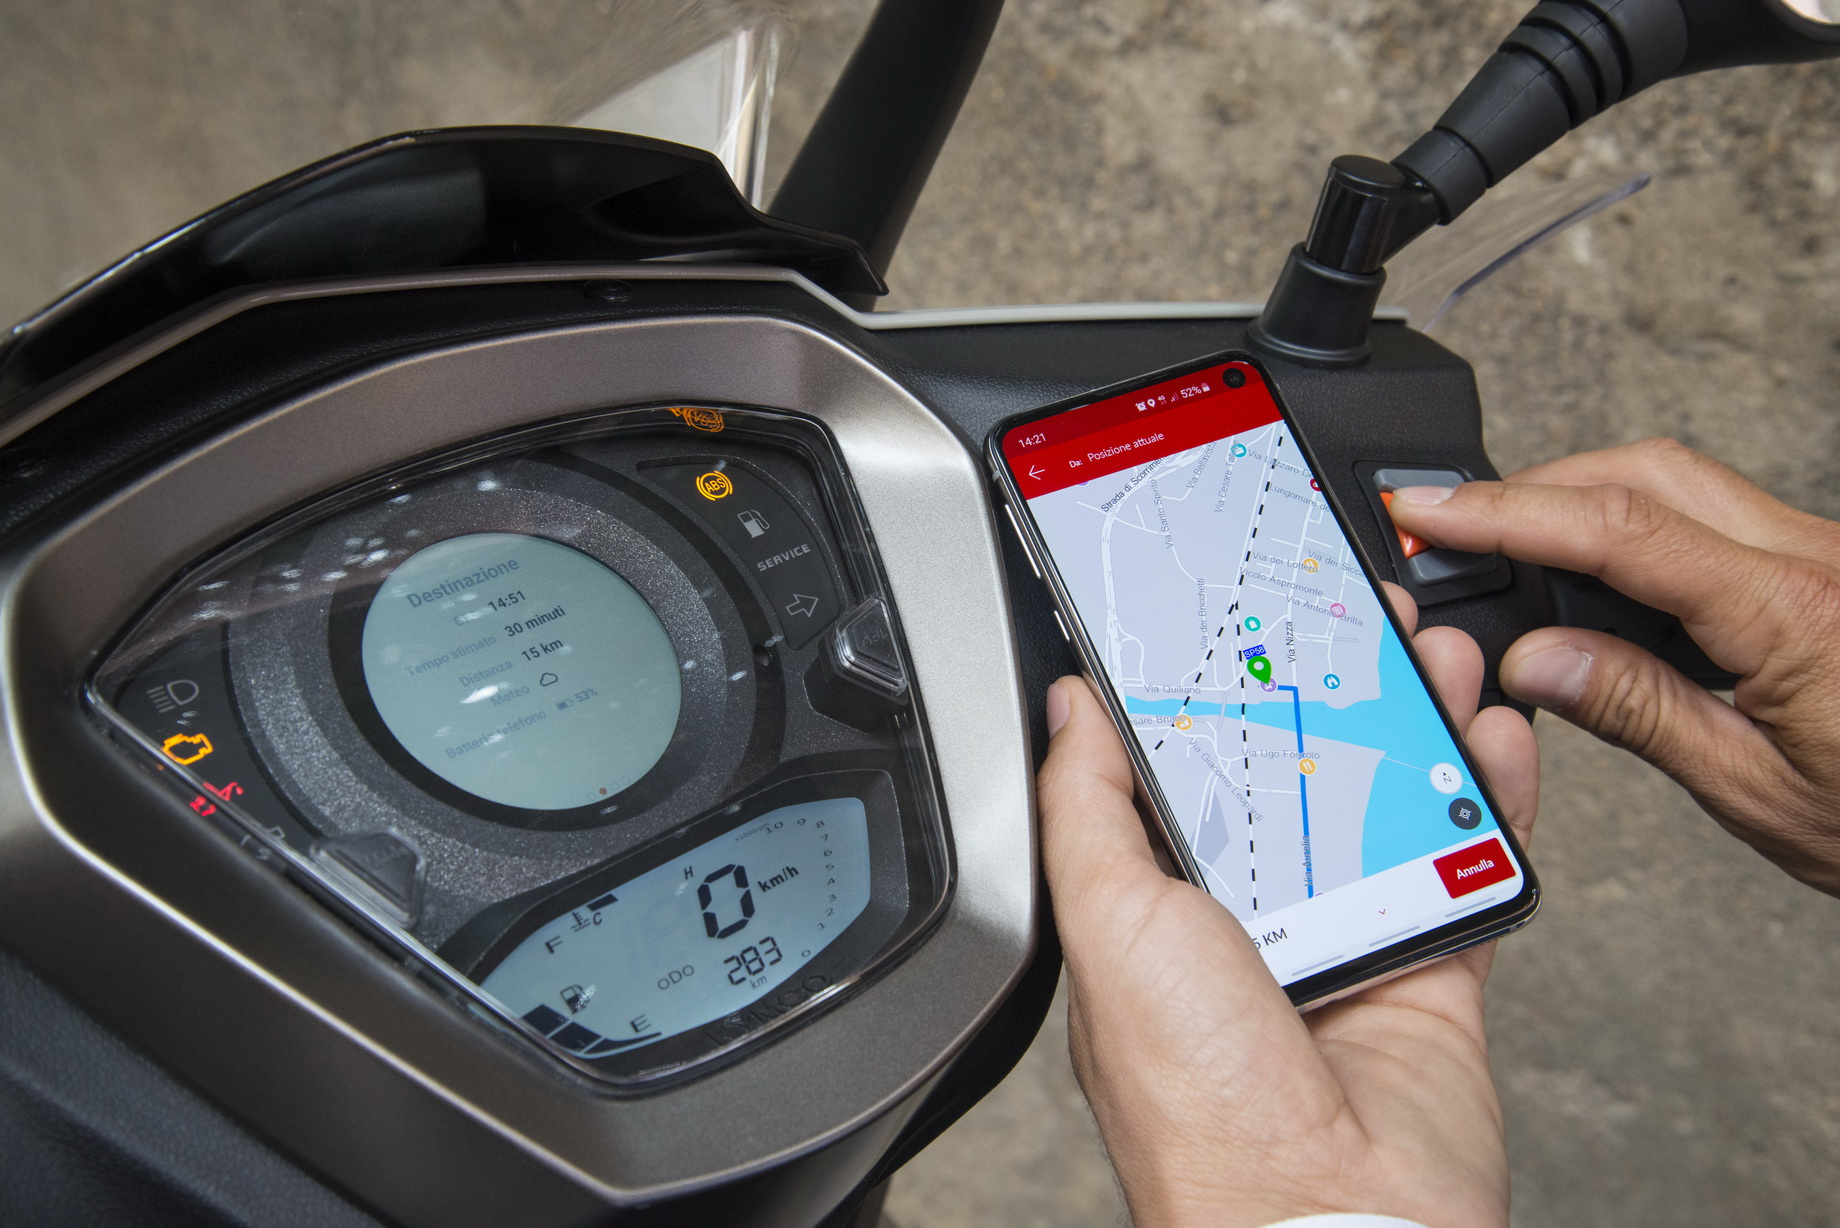 Πλήρης πίνακας οργάνων με TFT οθόνη, GPS Navi και διασύνδεση με smartphone